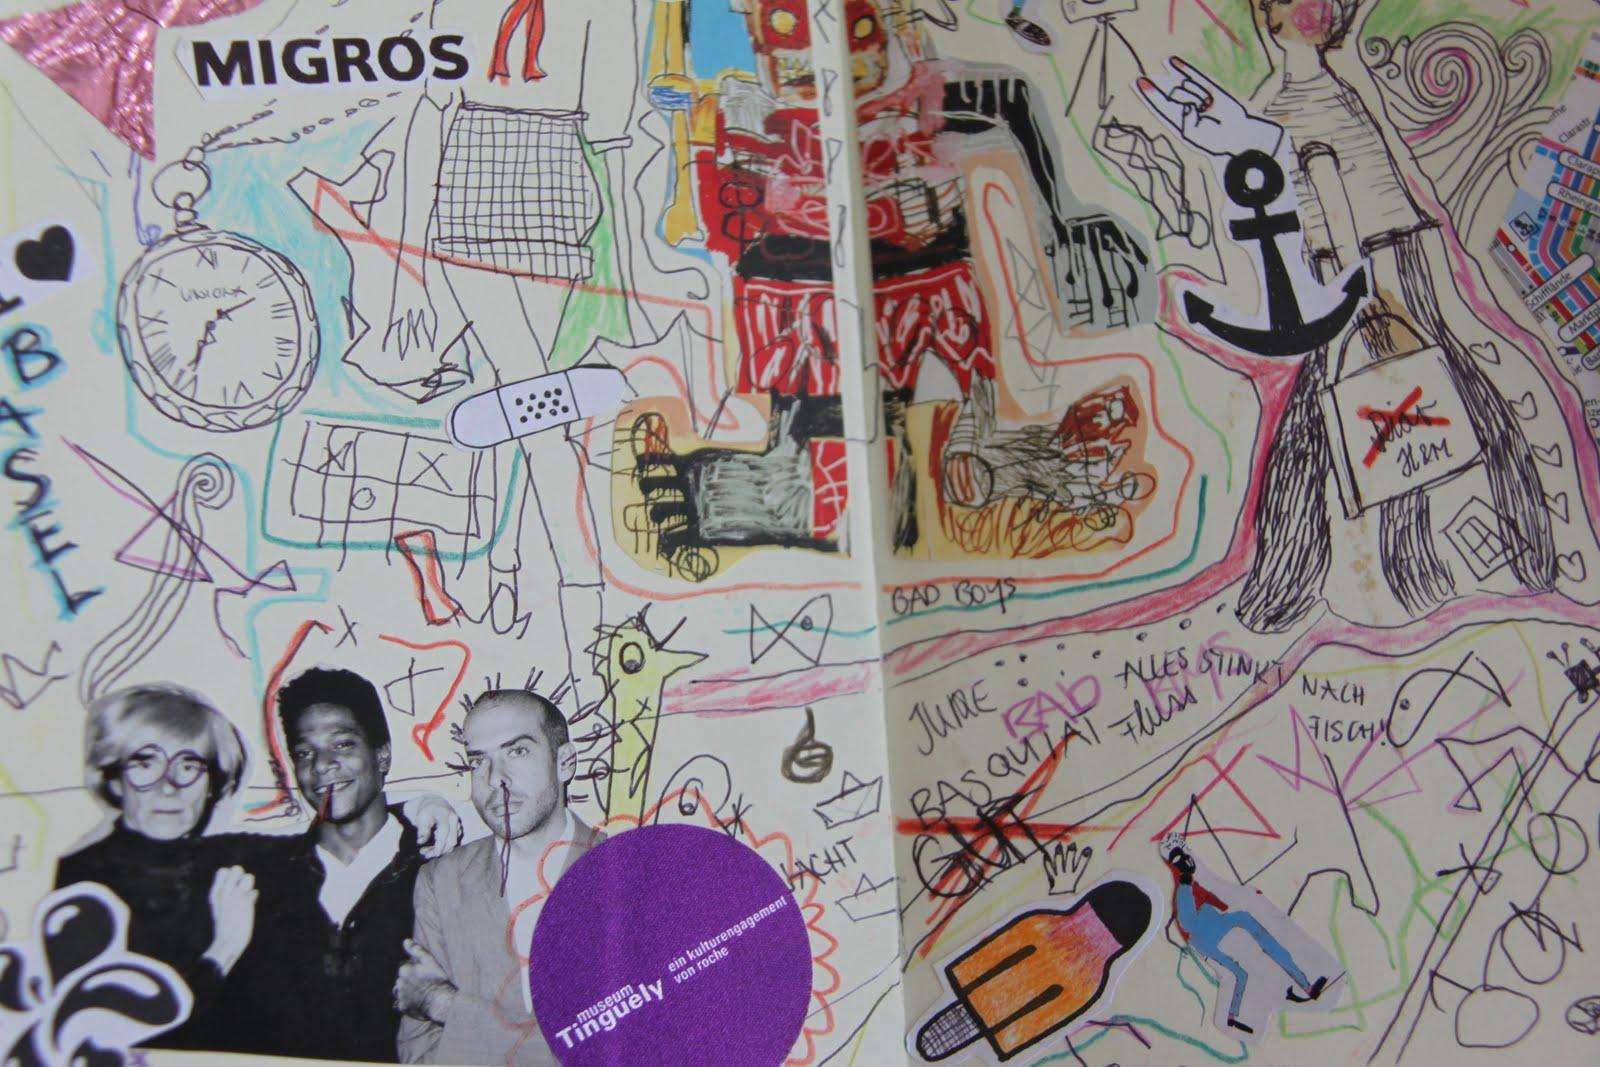 Ansprechend Collage Basteln Ideen Von Collagen Zu Basteln. Das Hier Sind Zwar